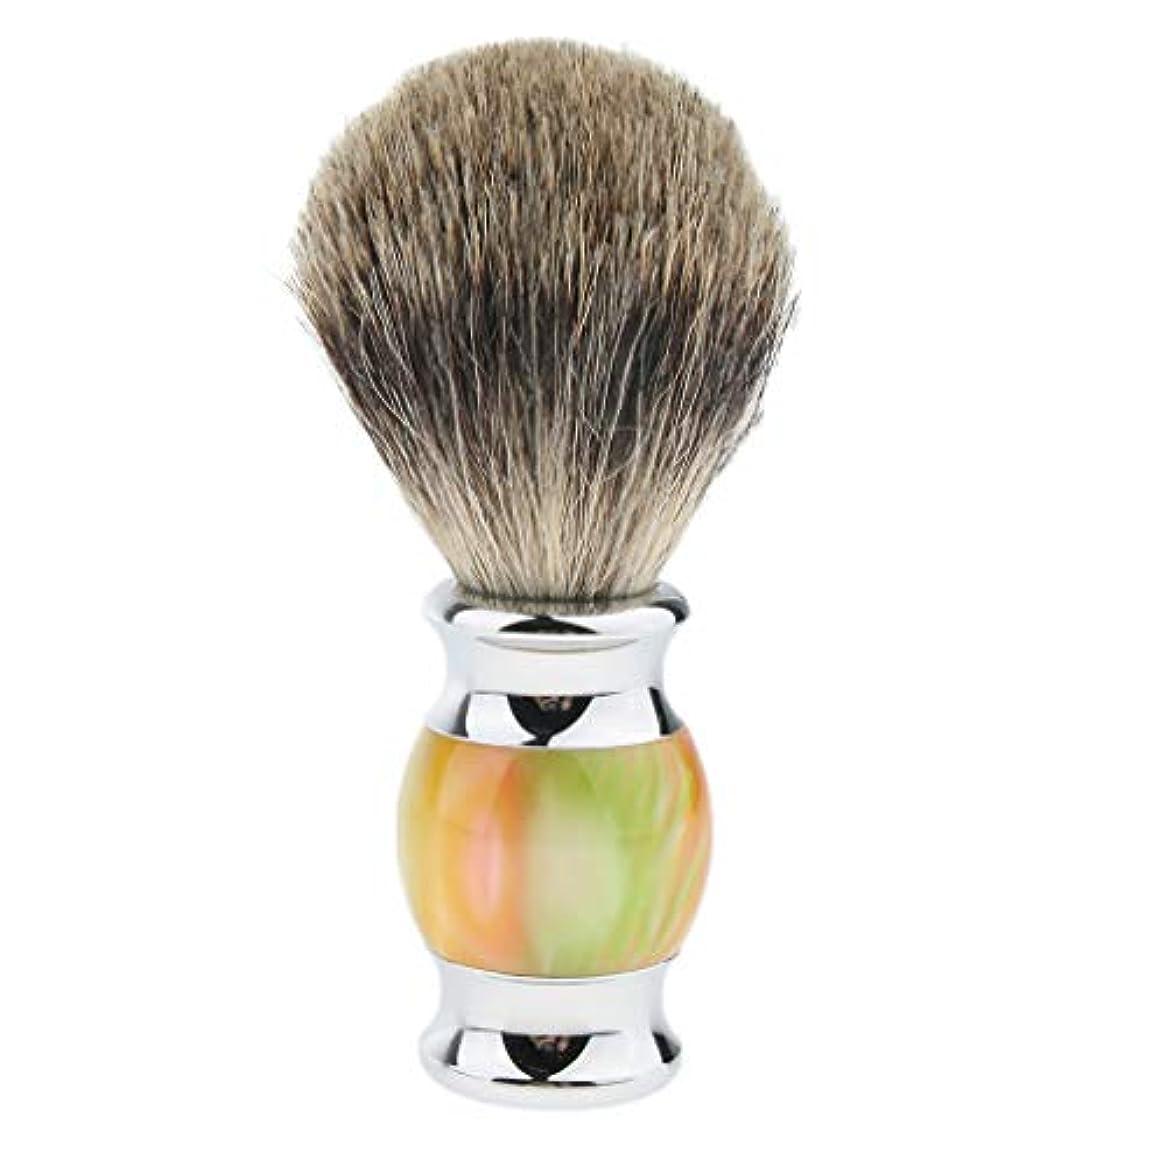 エミュレーション引っ張るボタンHellery ひげブラシ シェービング ブラシ メンズ 理容 洗顔 髭剃り 泡立ち 多色選べ - 01